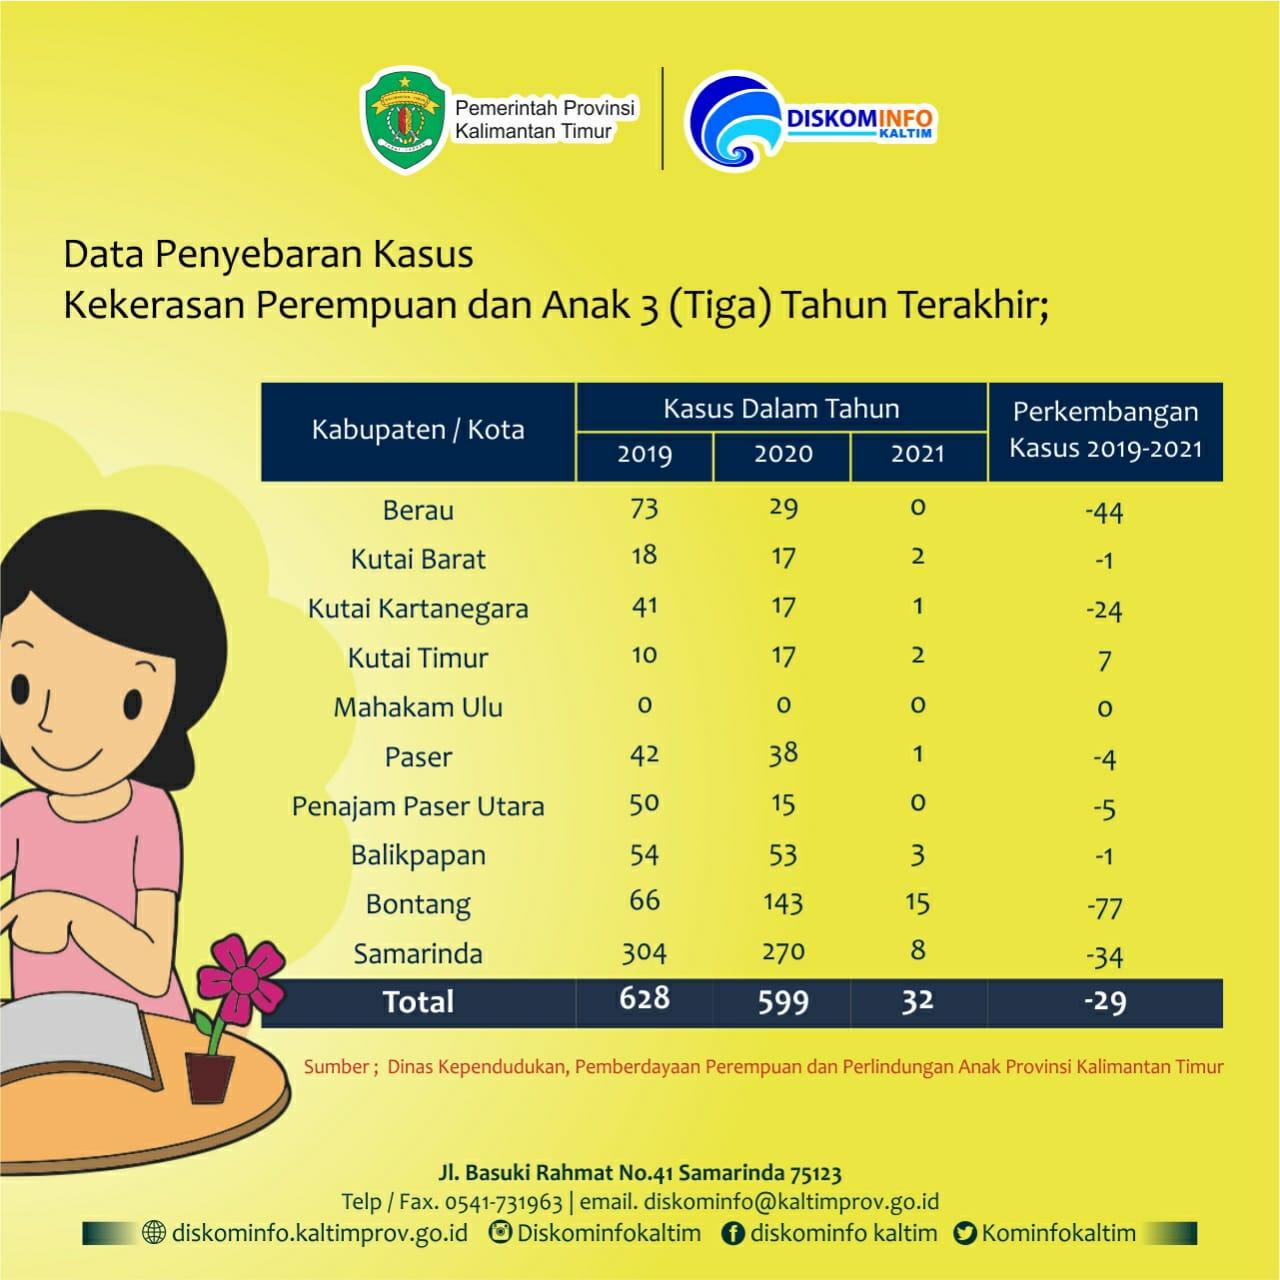 Kasus Kekerasan Perempuan dan Anak Tahun 2021 di Provinsi Kalimantan Timur pada 3 (Tiga) Tahun Terakhir